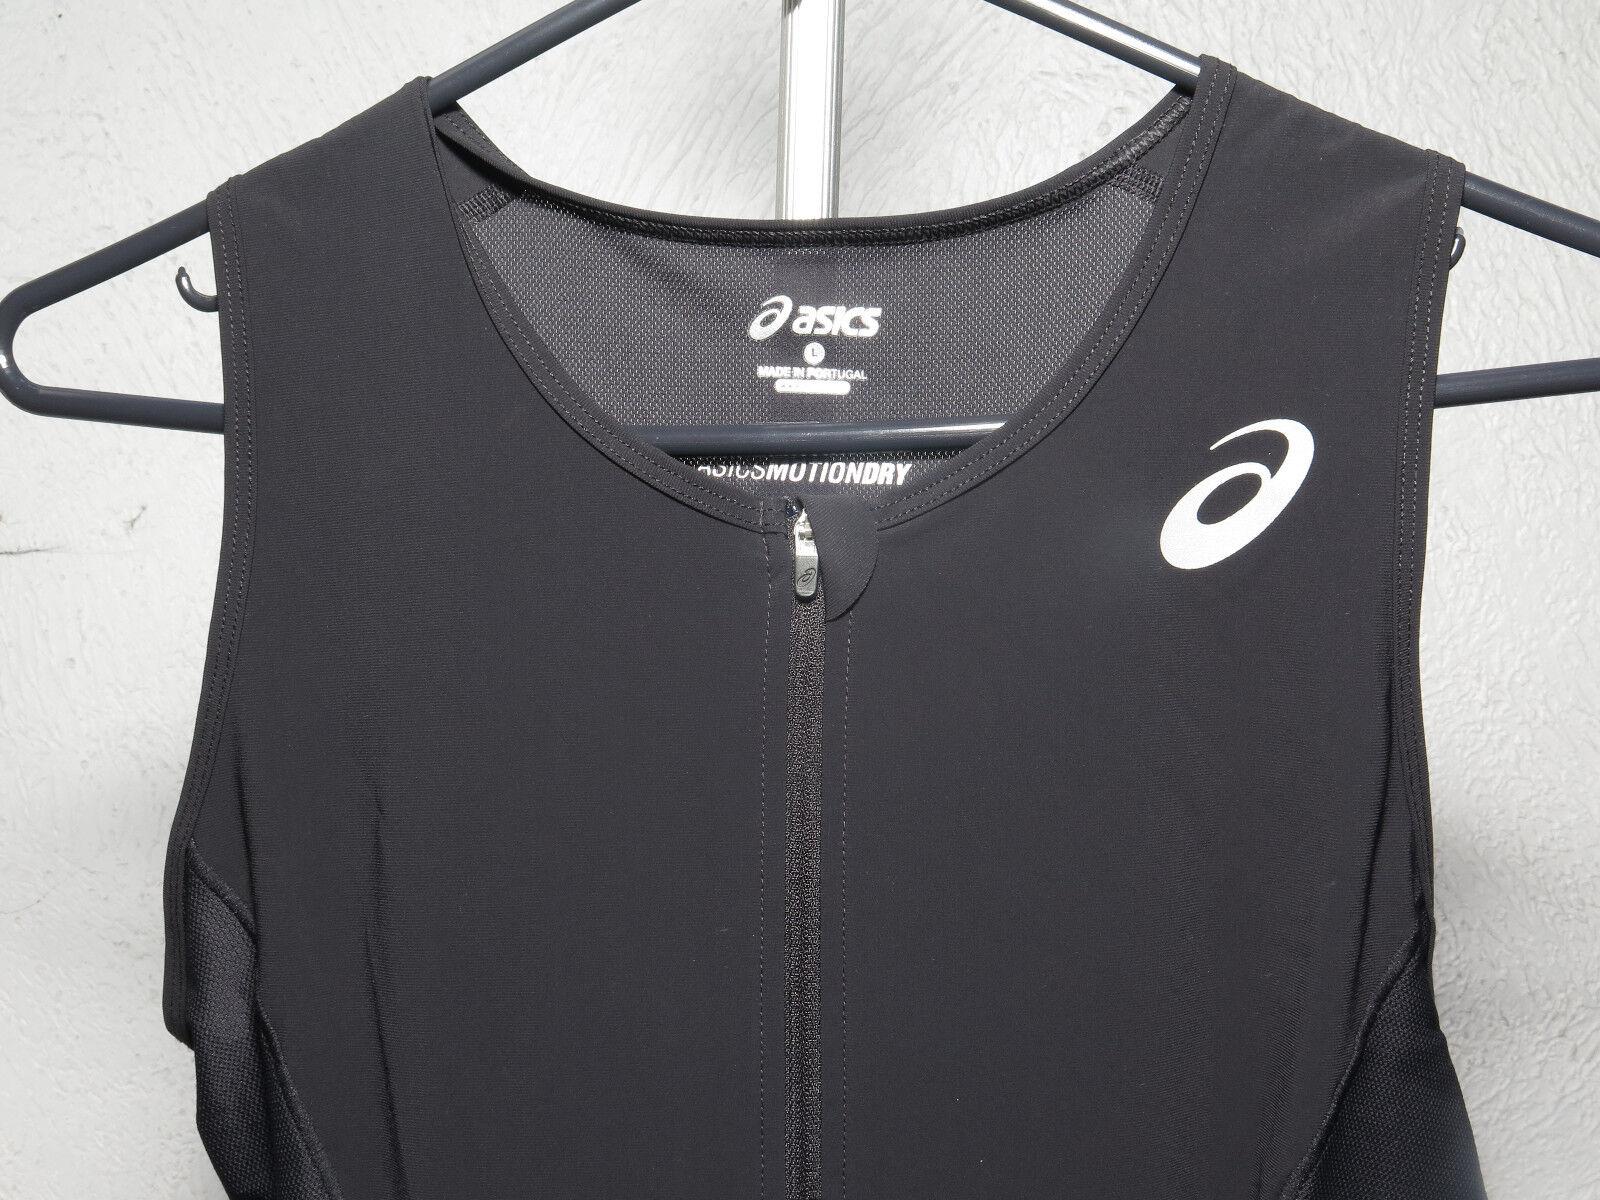 NWT ASICS Body triathlon unisex   TRIATHLON Asics Motion Dry  L  Portugal  hot limited edition